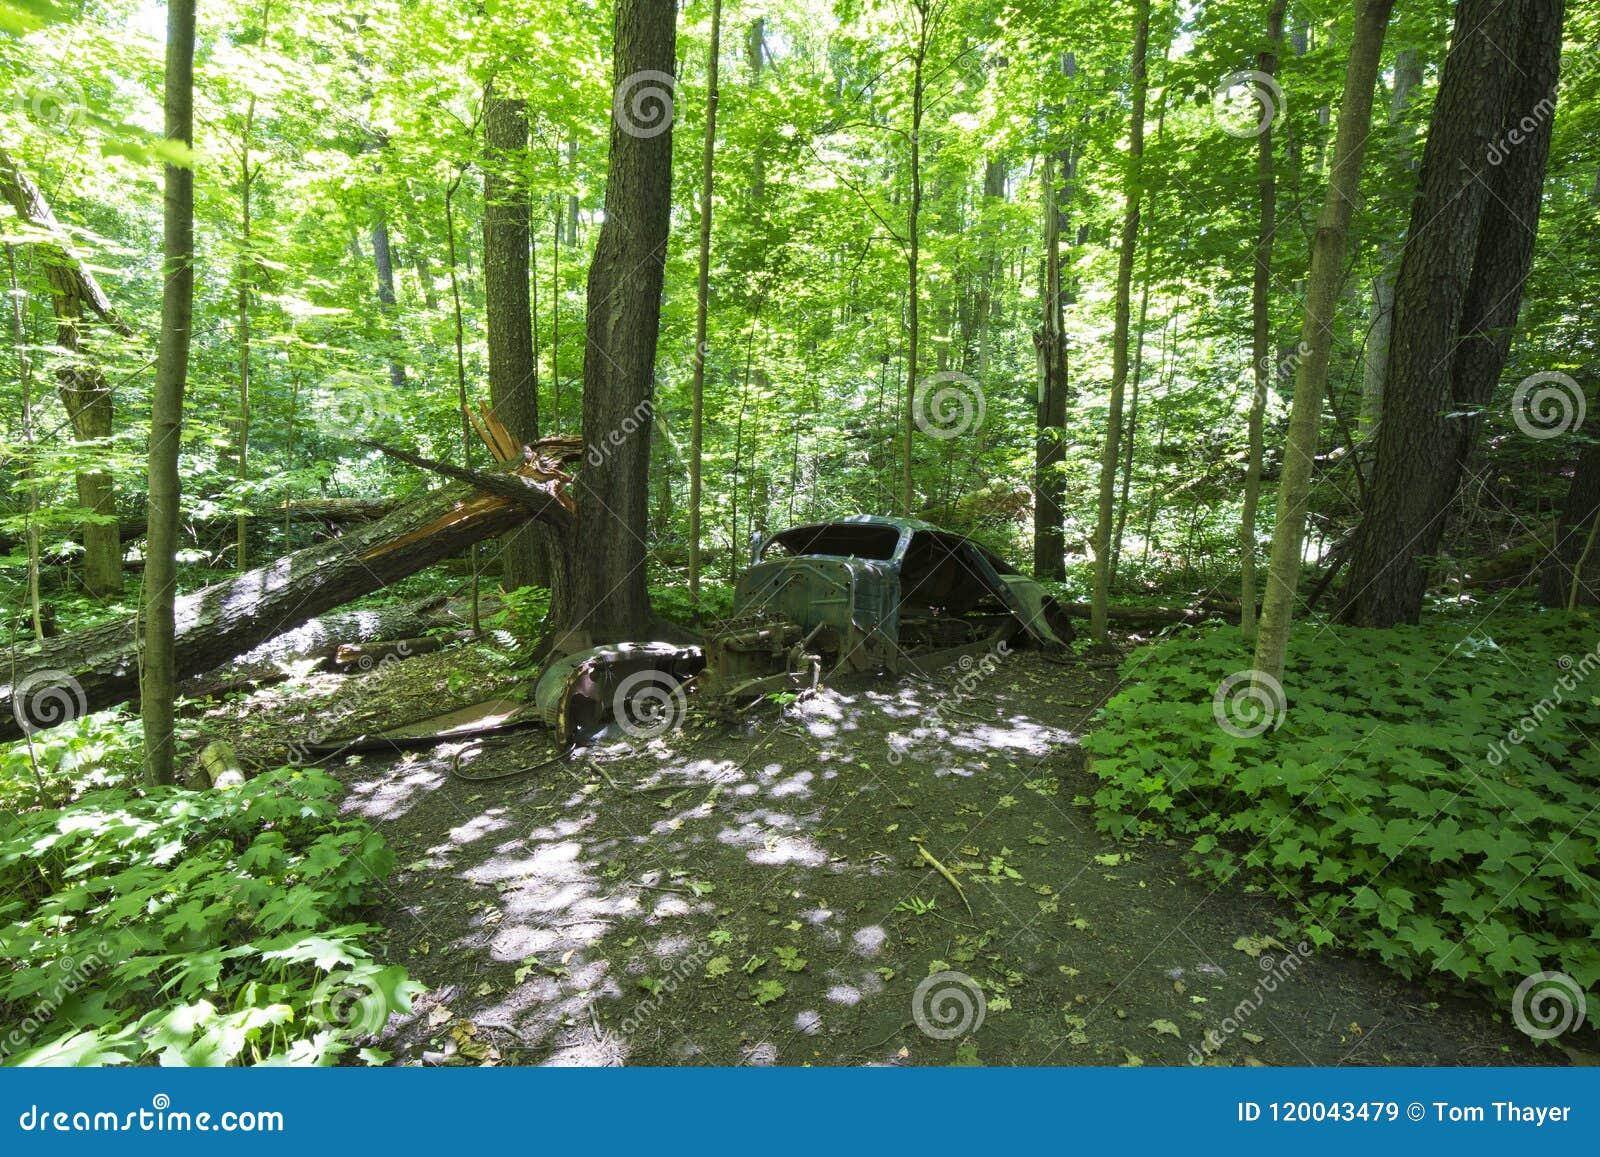 Oude verlaten auto in het bos